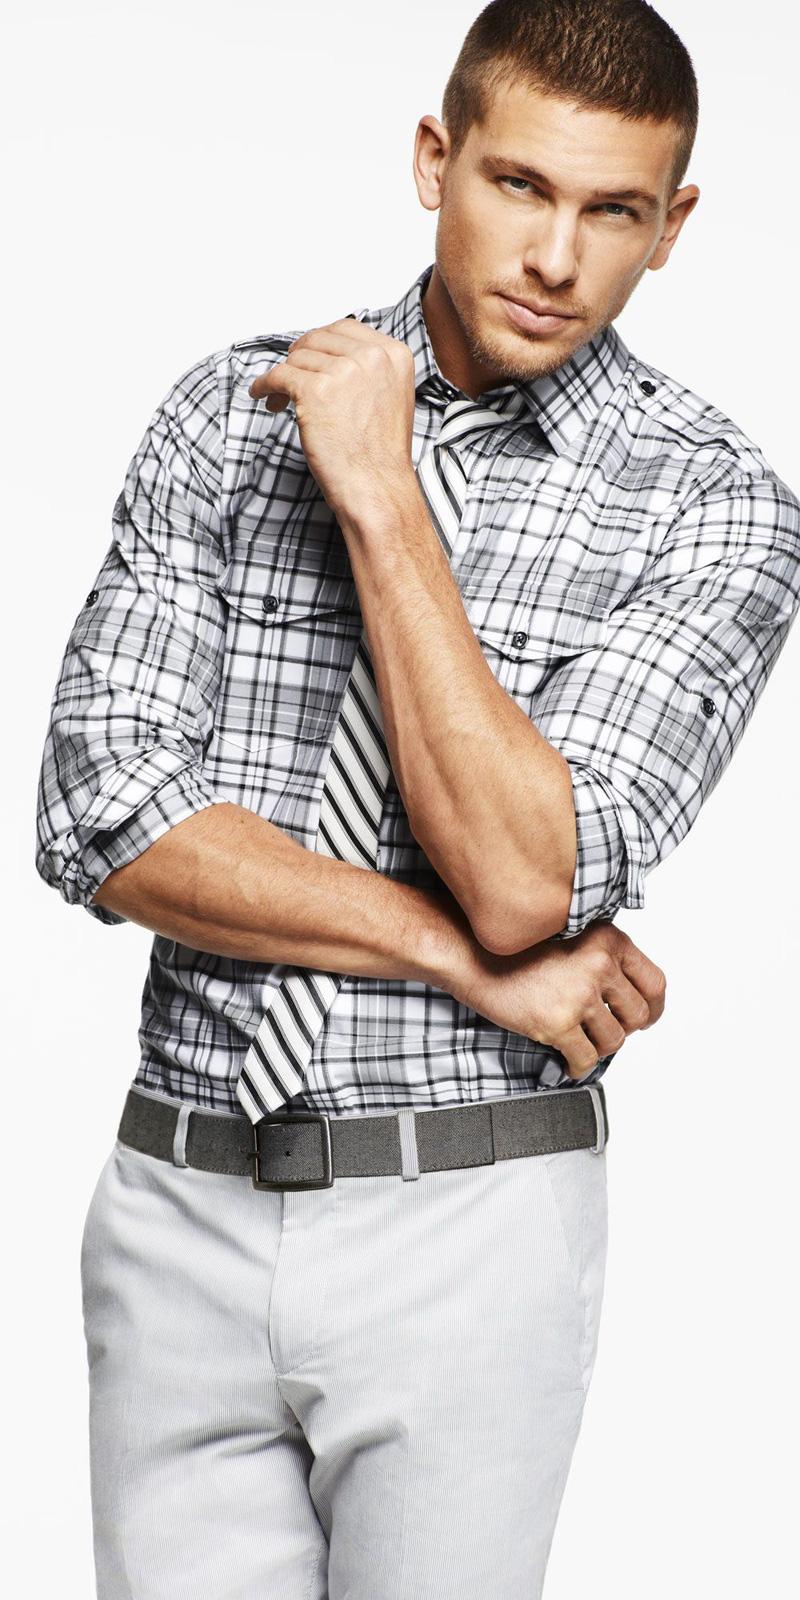 Классический образ мужчины: скрещенные руки на груди